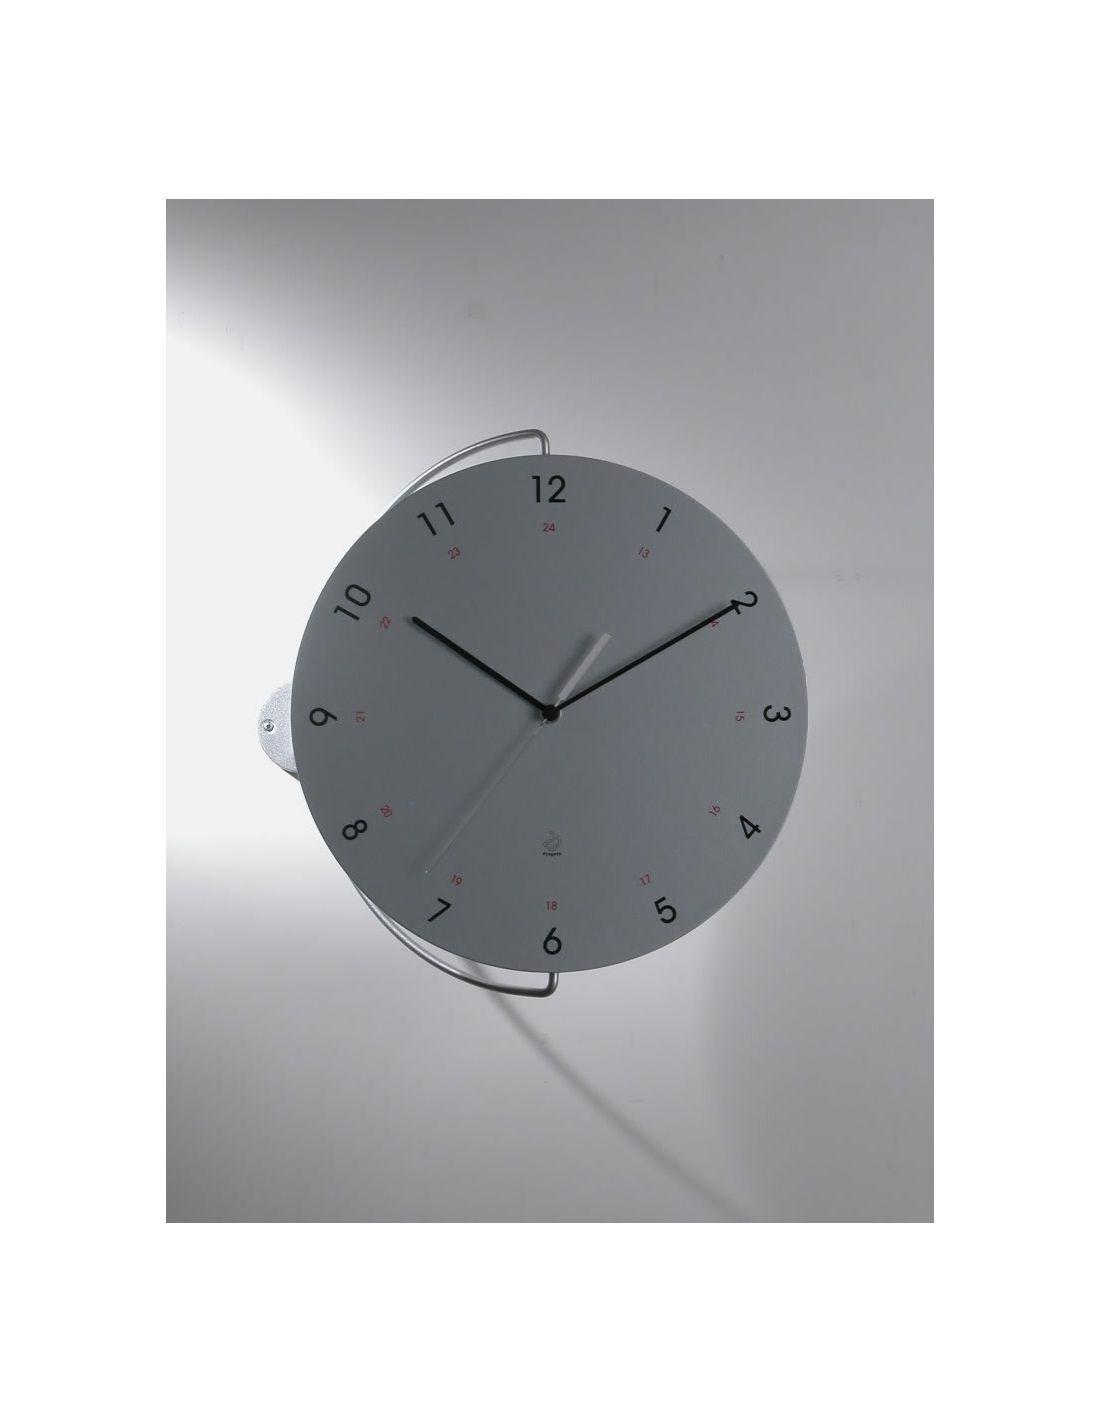 Tour orologio design a muro in acciaio e legno diametro 36 cm - Orologio design parete ...